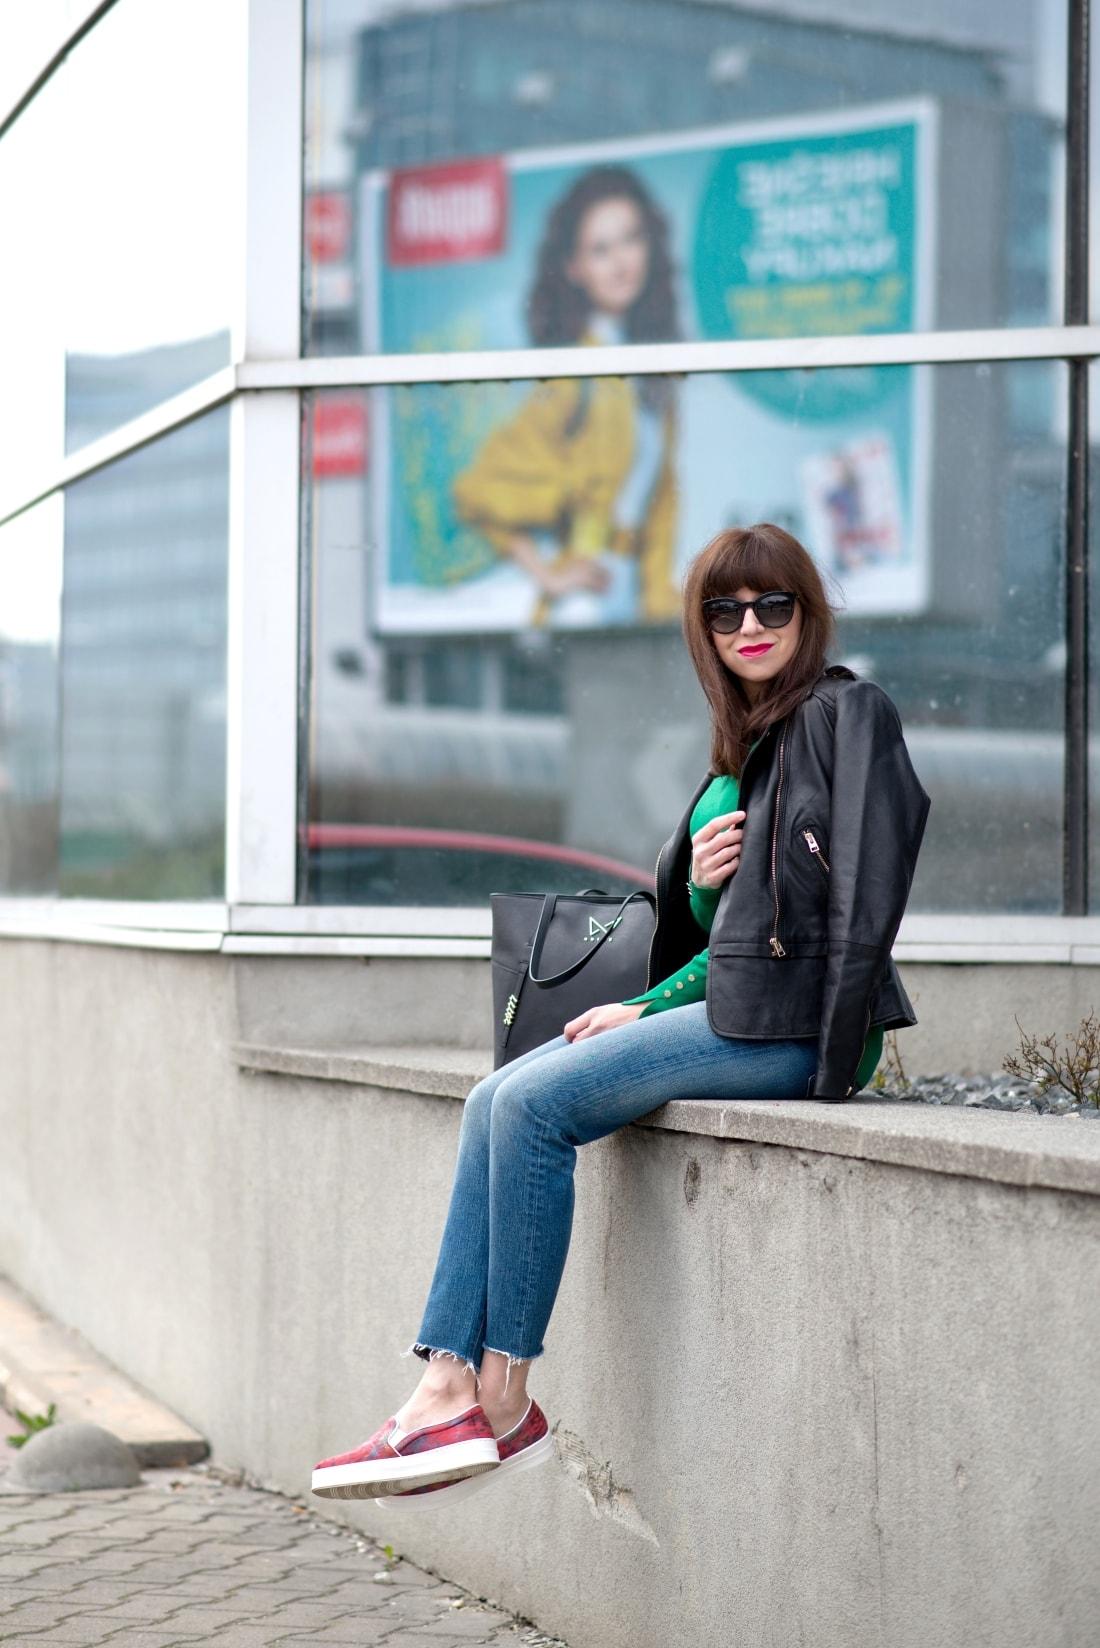 Kabelka NOIRE (29777)_Katharine-fashion is beautiful_Blog 5_Čierna kabelka Noire_Kožená bunda Mango_Džínsy Levis_Katarína Jakubčová_Fashion blogger